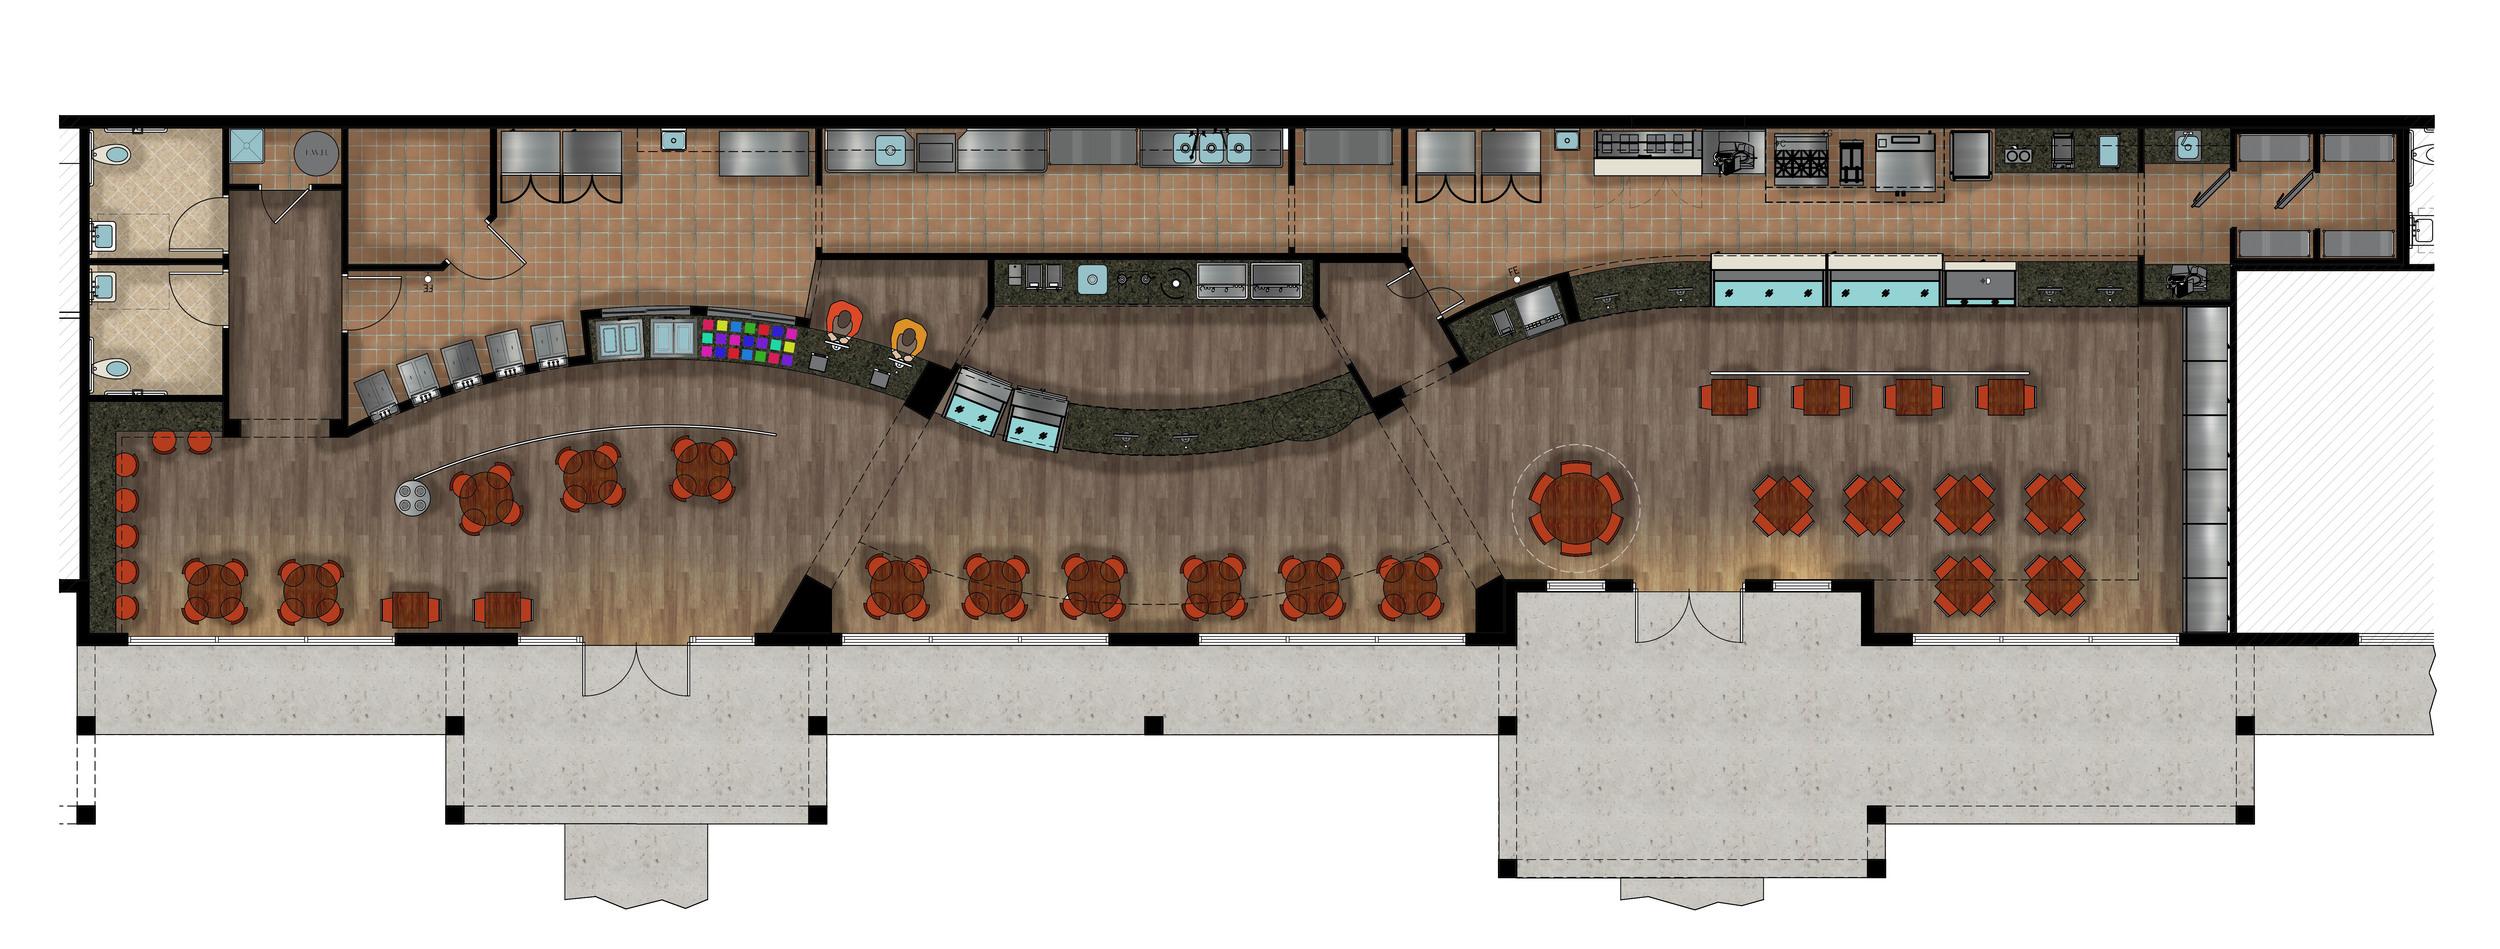 Welli Deli Restaurant Floor Plan